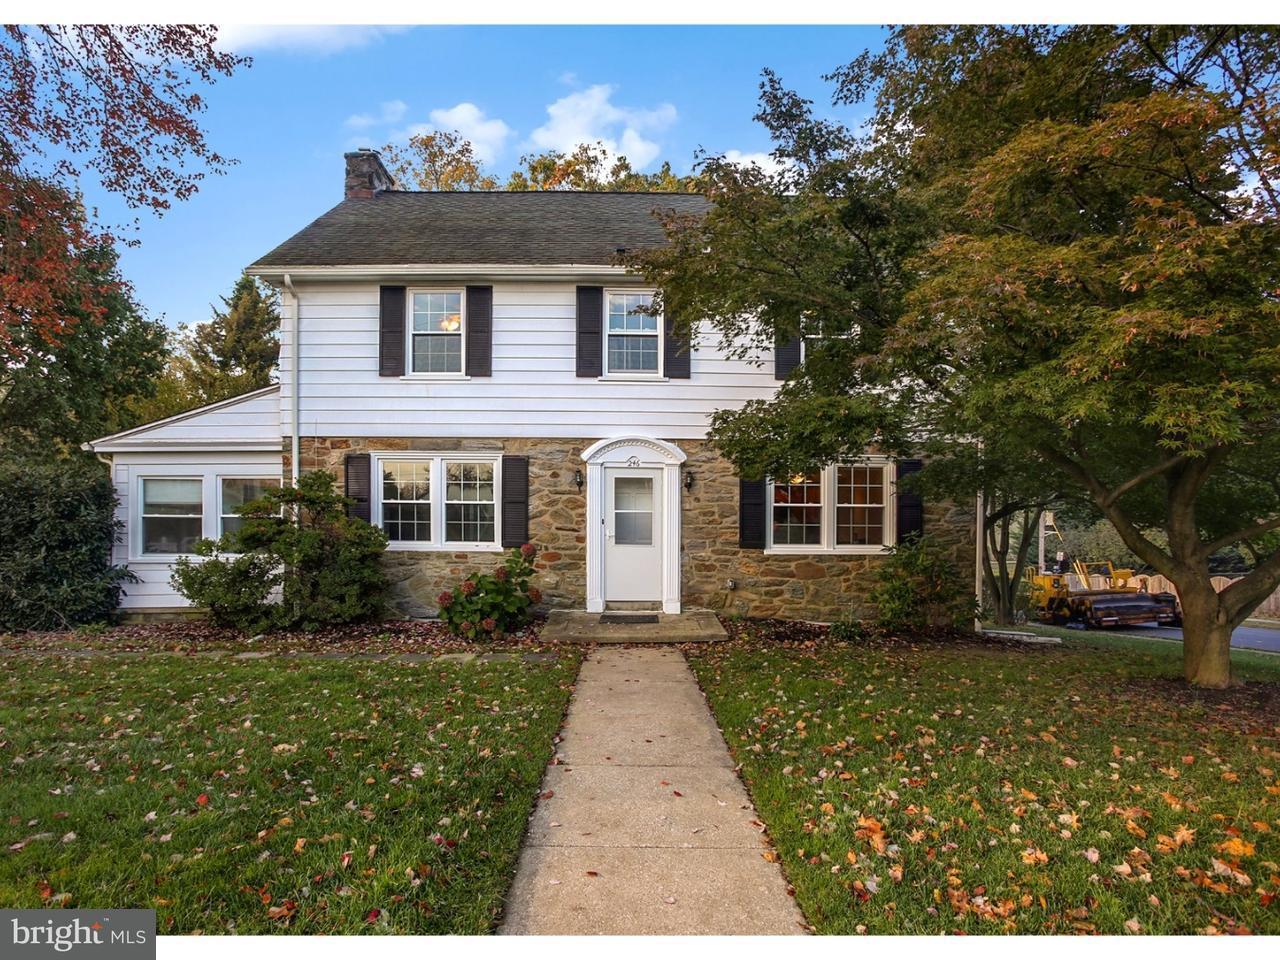 Maison unifamiliale pour l Vente à 246 E LEAMY Avenue Springfield, Pennsylvanie 19064 États-Unis